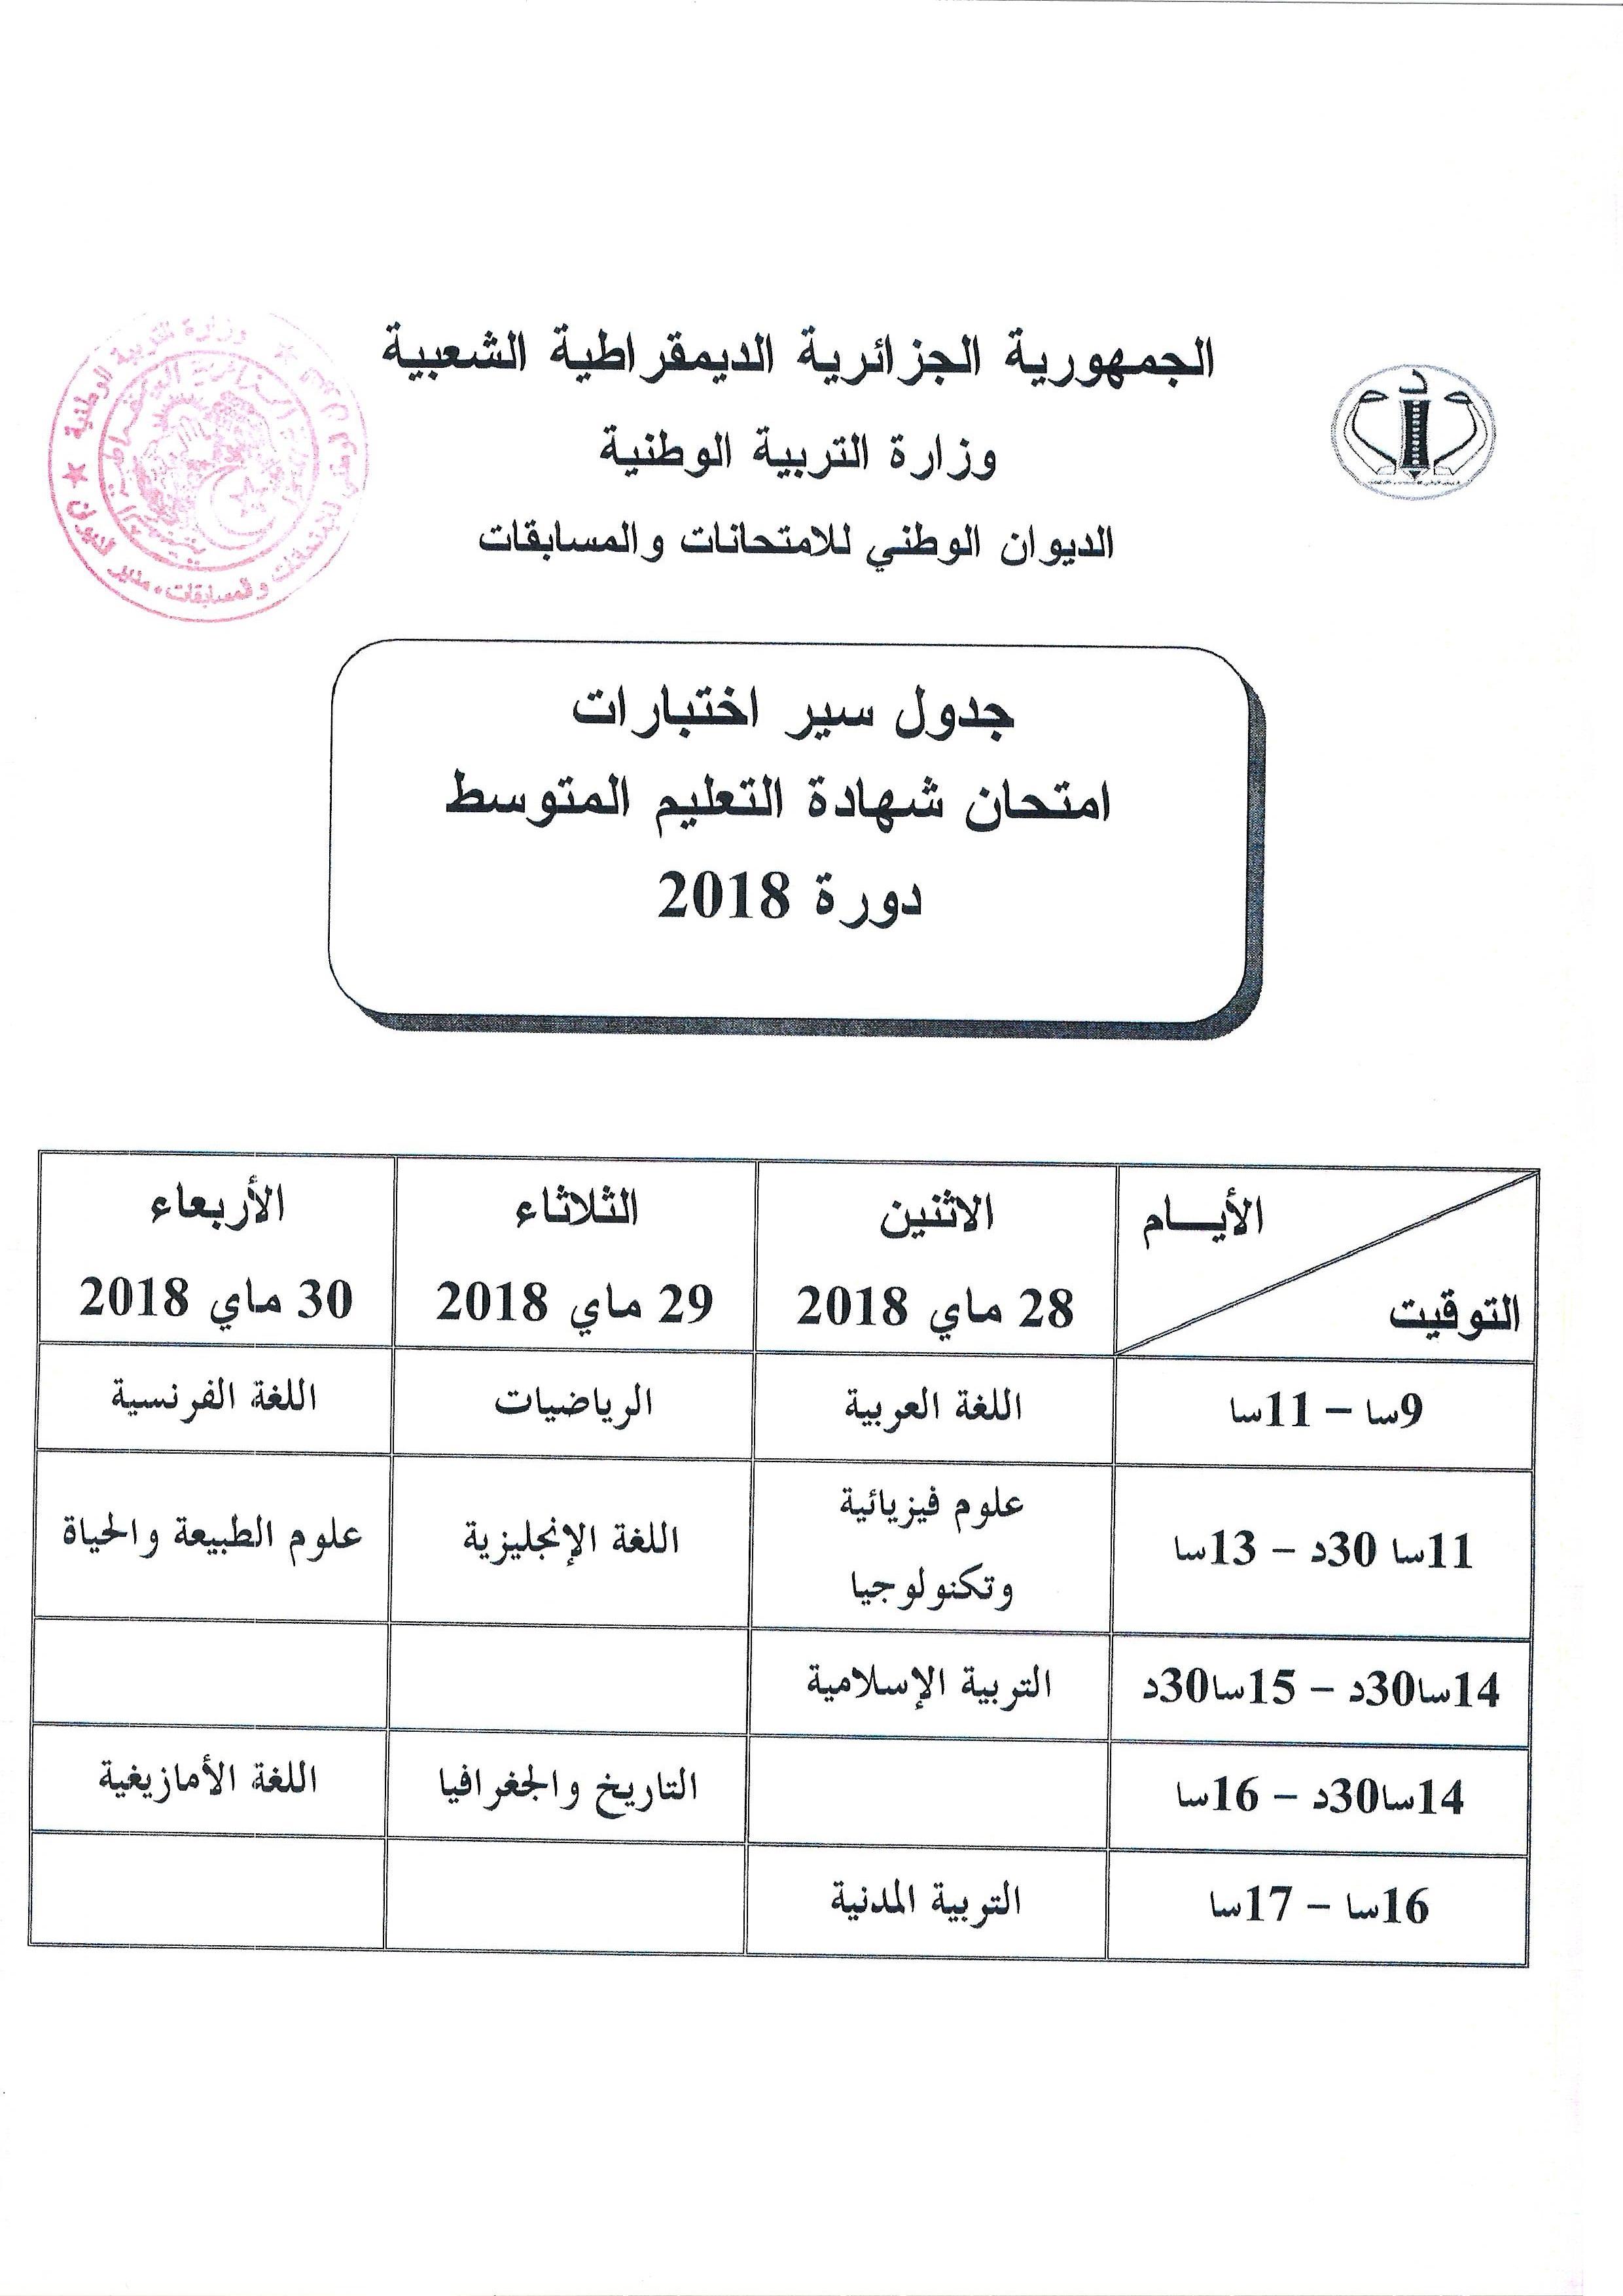 الرزنامة الرسمية للإمتحانات الرسمية 2018  - جدول سير الامتحانات الرسمية BEM-2018